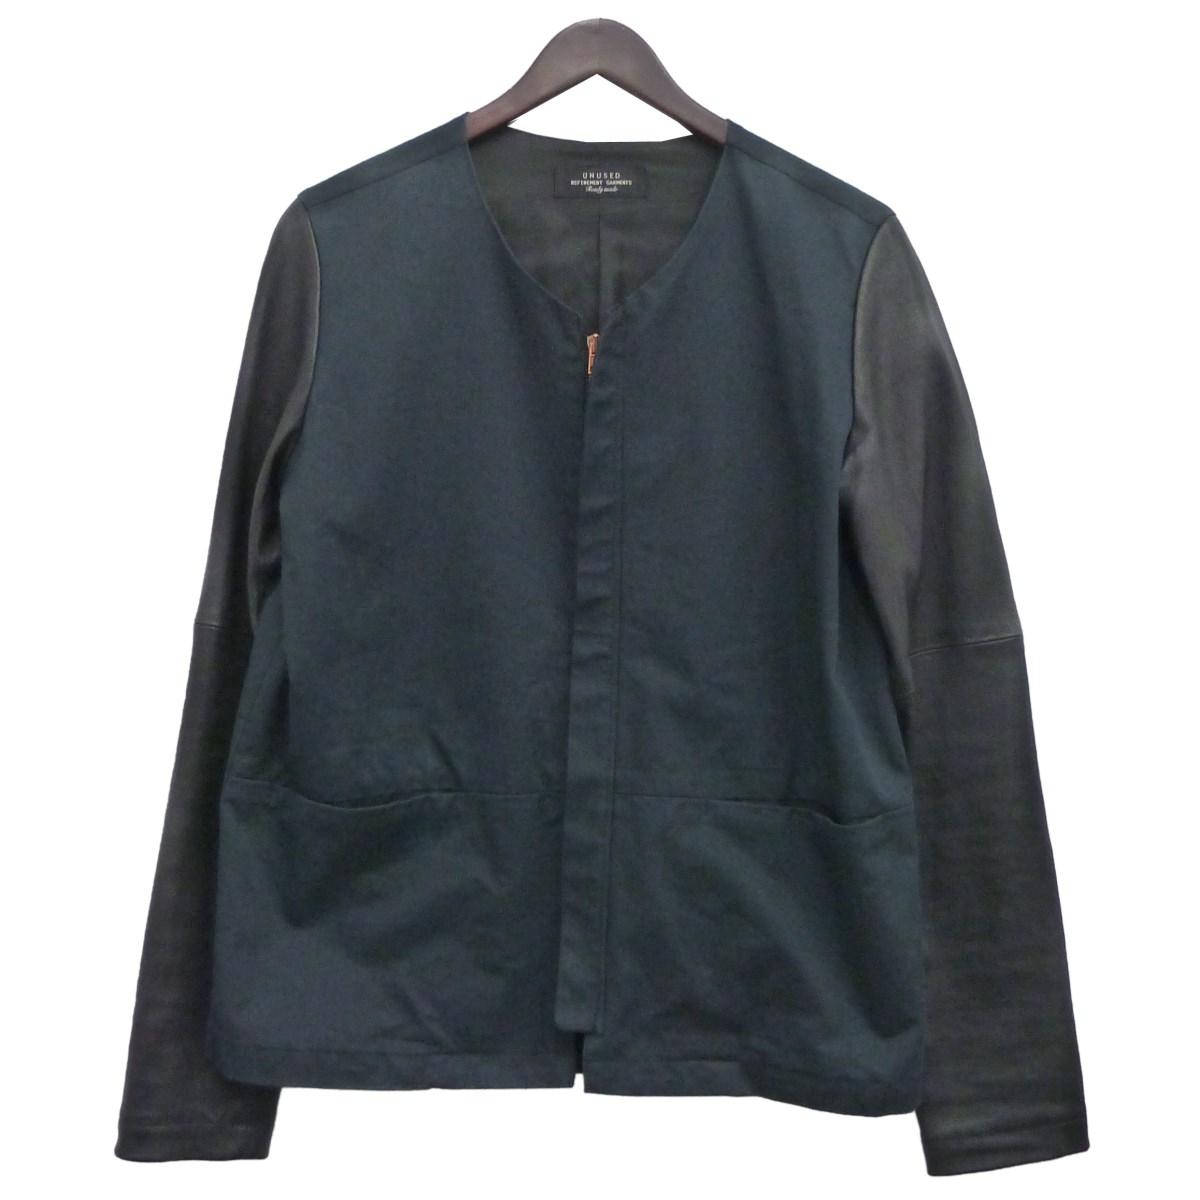 【中古】UNUSEDアームレザーカラーレスジャケット ダークネイビー×ブラック サイズ:1 【5月11日見直し】